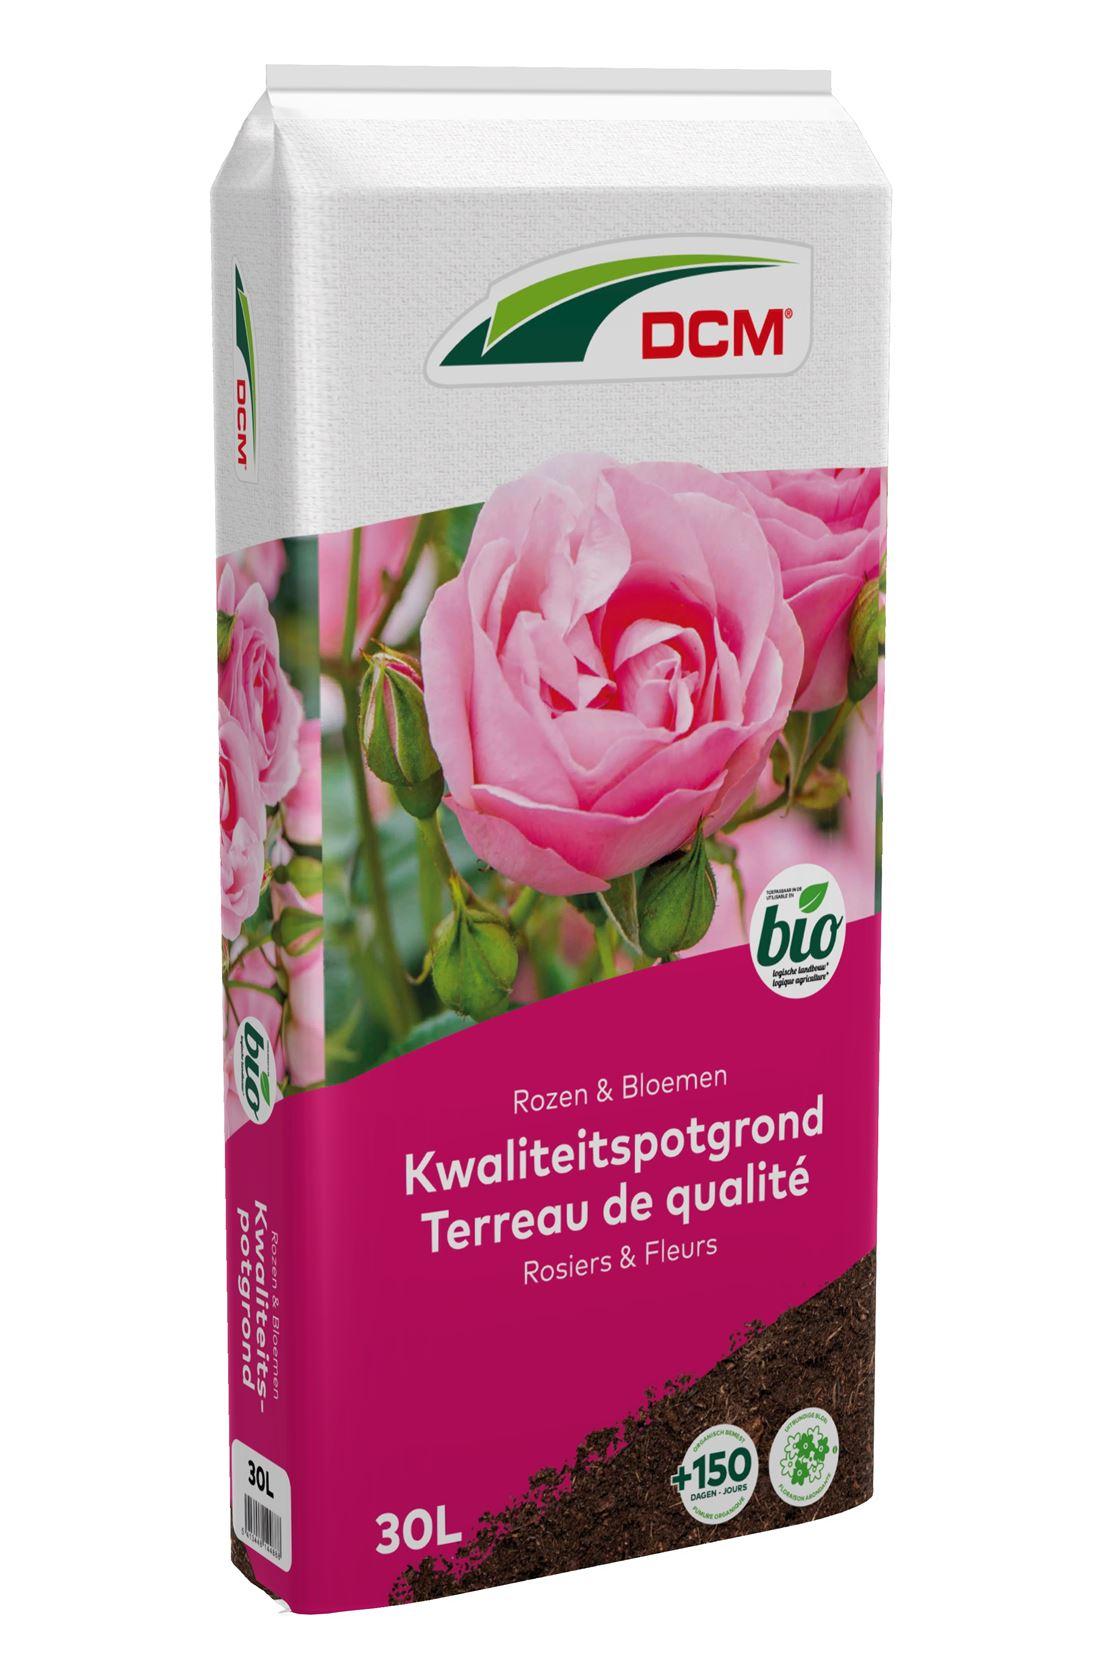 Ecoterra-potgrond-voor-rozen-bloemen-30L-met-extra-ijzer-fosfor